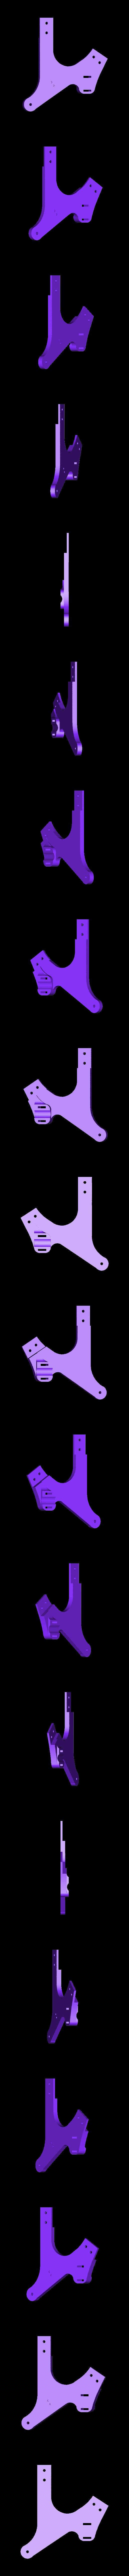 2.stl Télécharger fichier STL gratuit Lit d'impression Prusa I3 XL • Plan pour impression 3D, indigo4